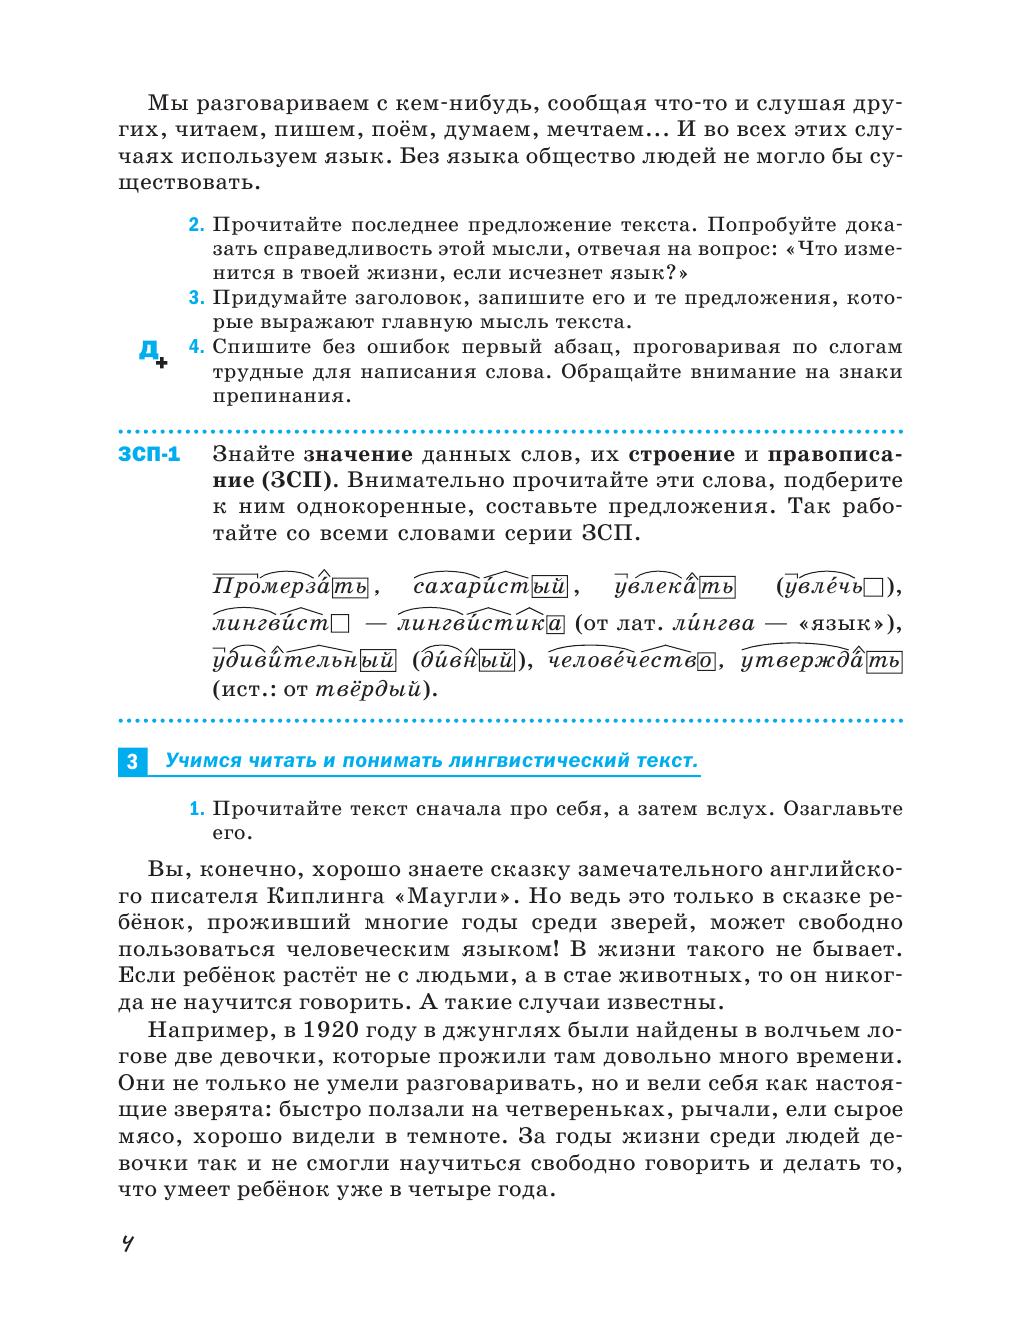 Методические разработки к учебнику по русскому языку 5 класс львова львов